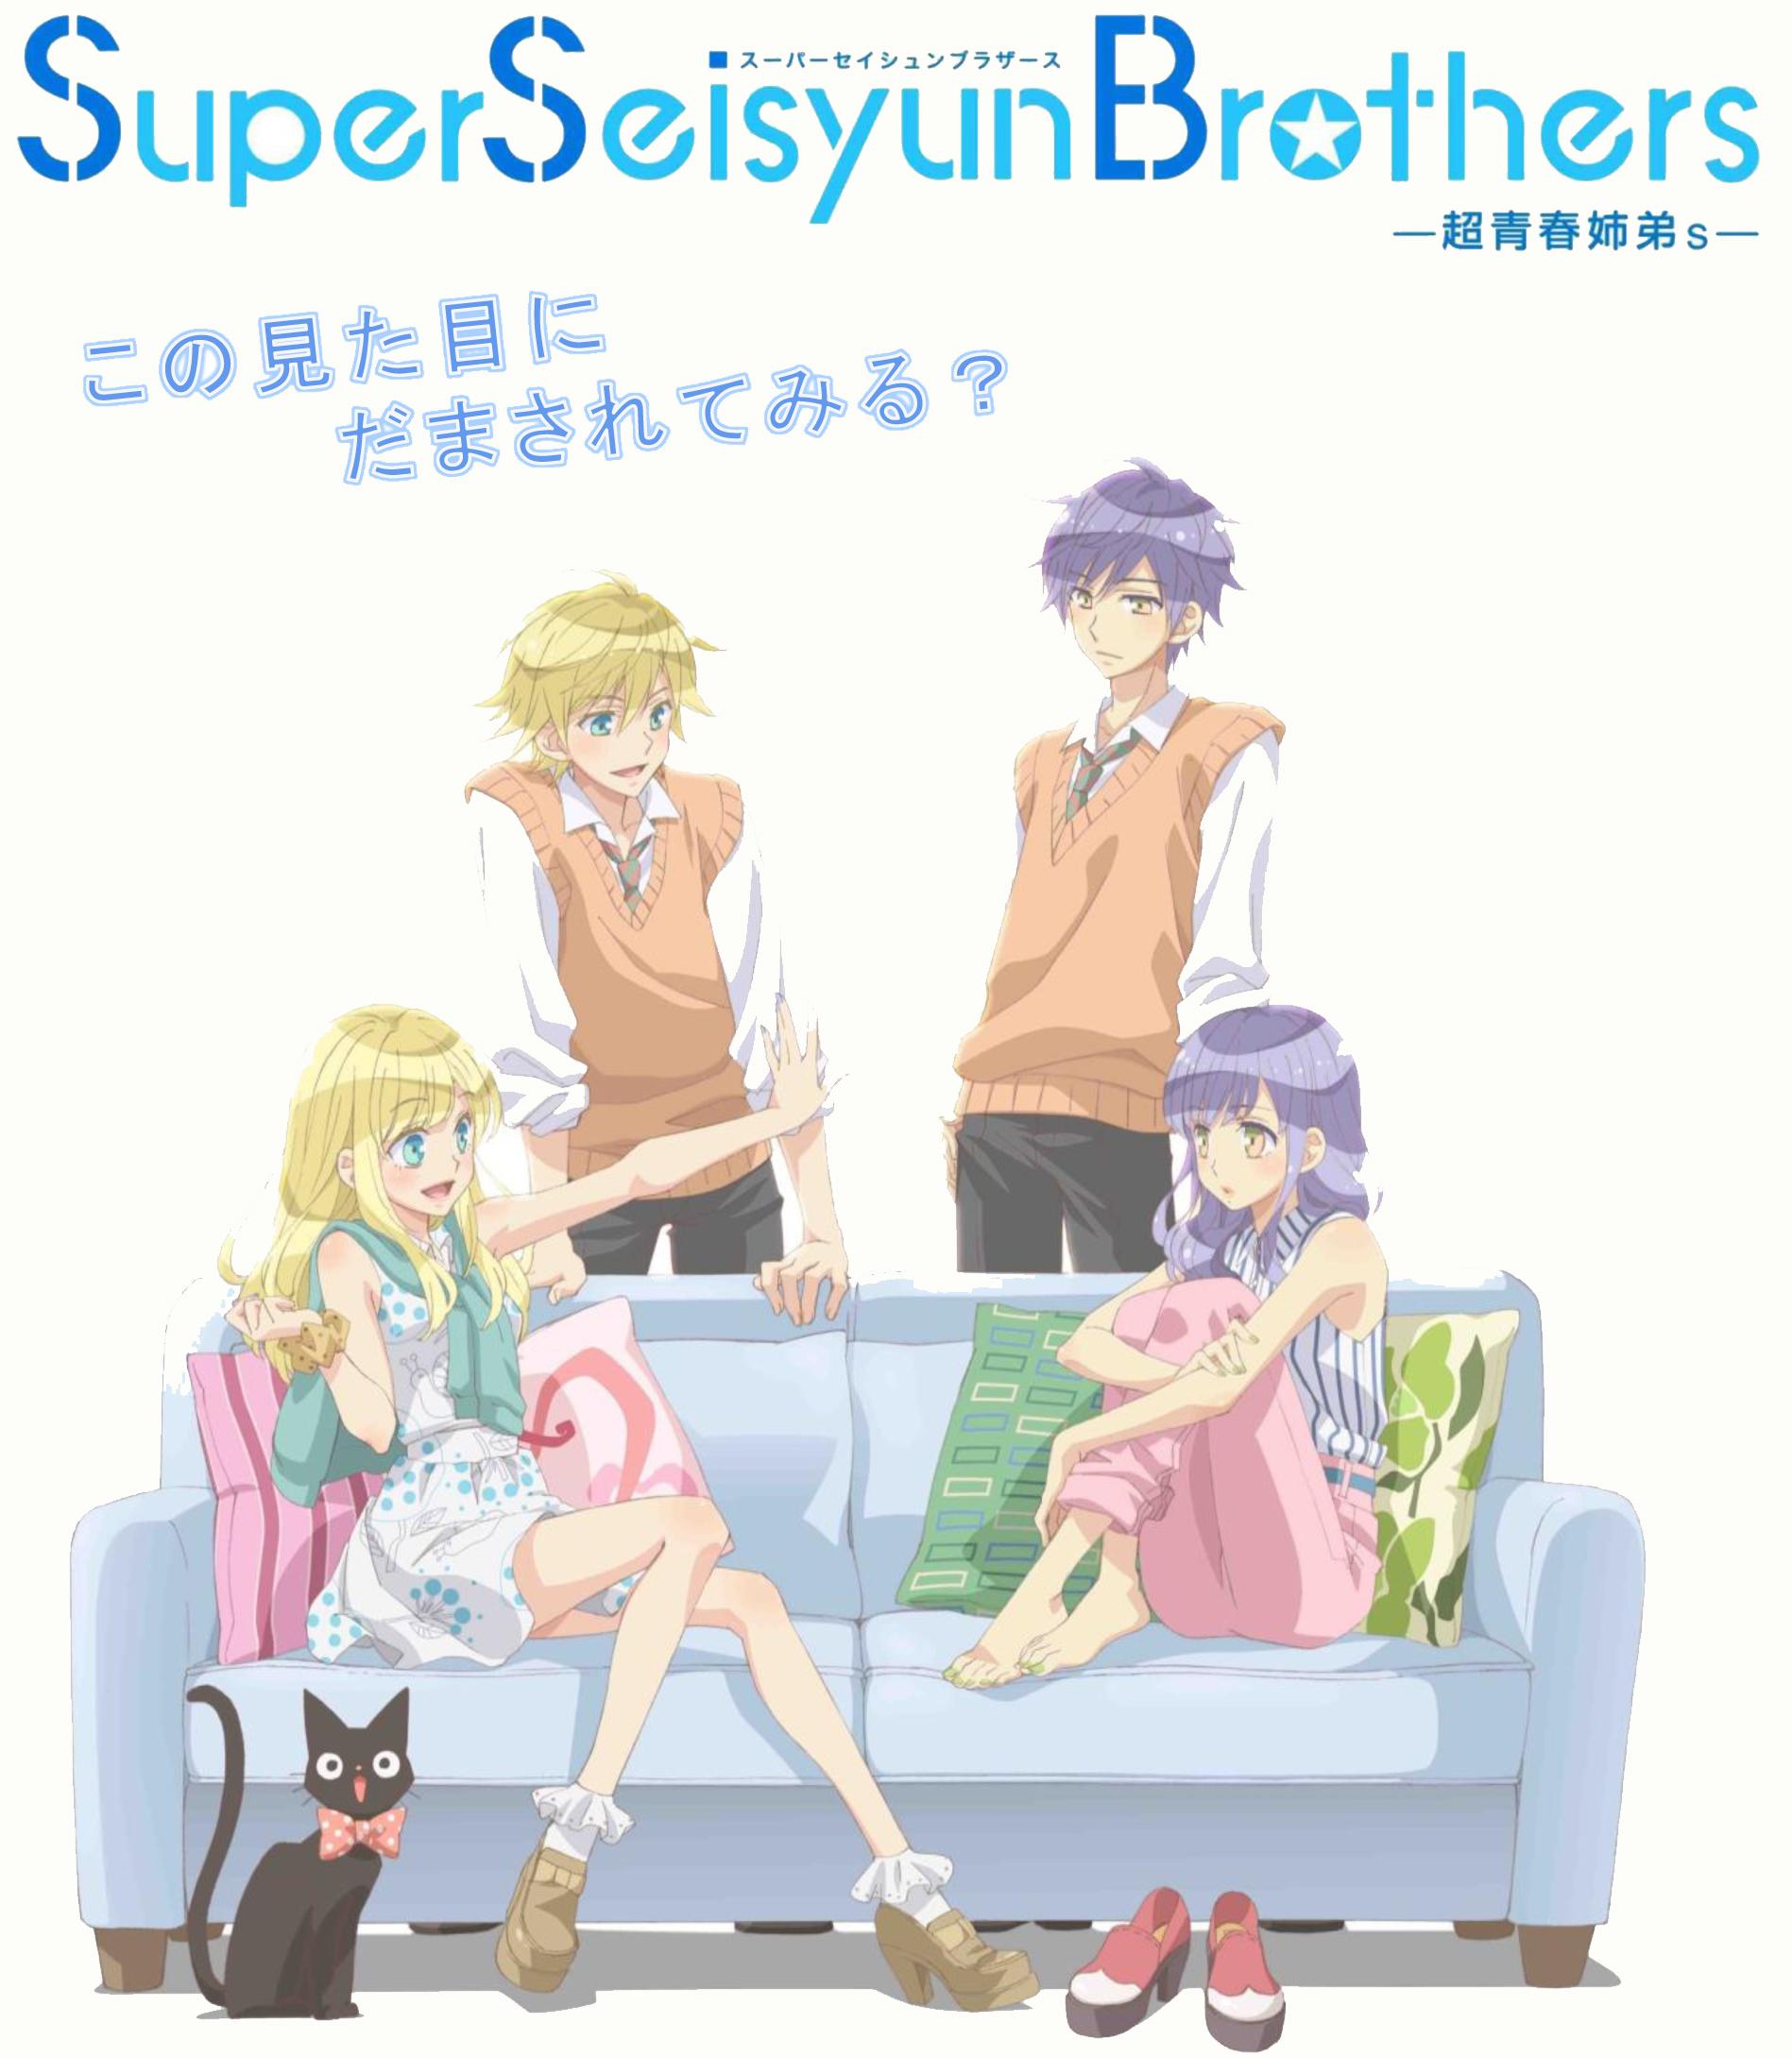 「SSB \u2015超青春姉弟s\u2015(スーパーセイシュンブラザーズ)」アニメ化のお知らせ|アプリックスIPホールディングス株式会社のプレスリリース